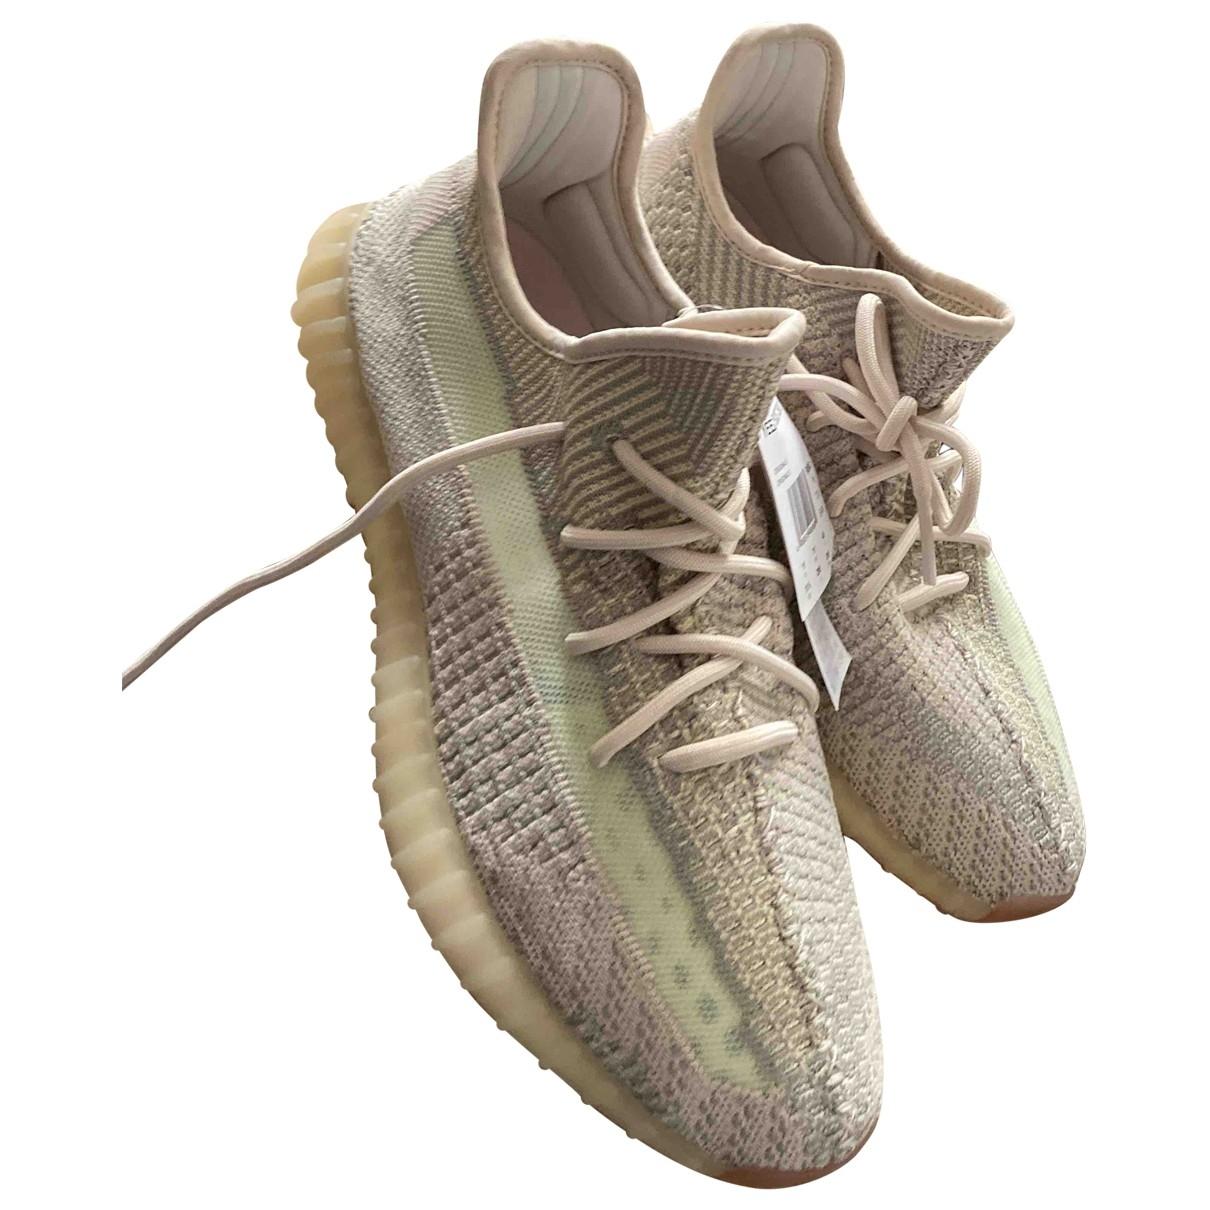 Yeezy X Adidas - Baskets   pour femme en toile - beige